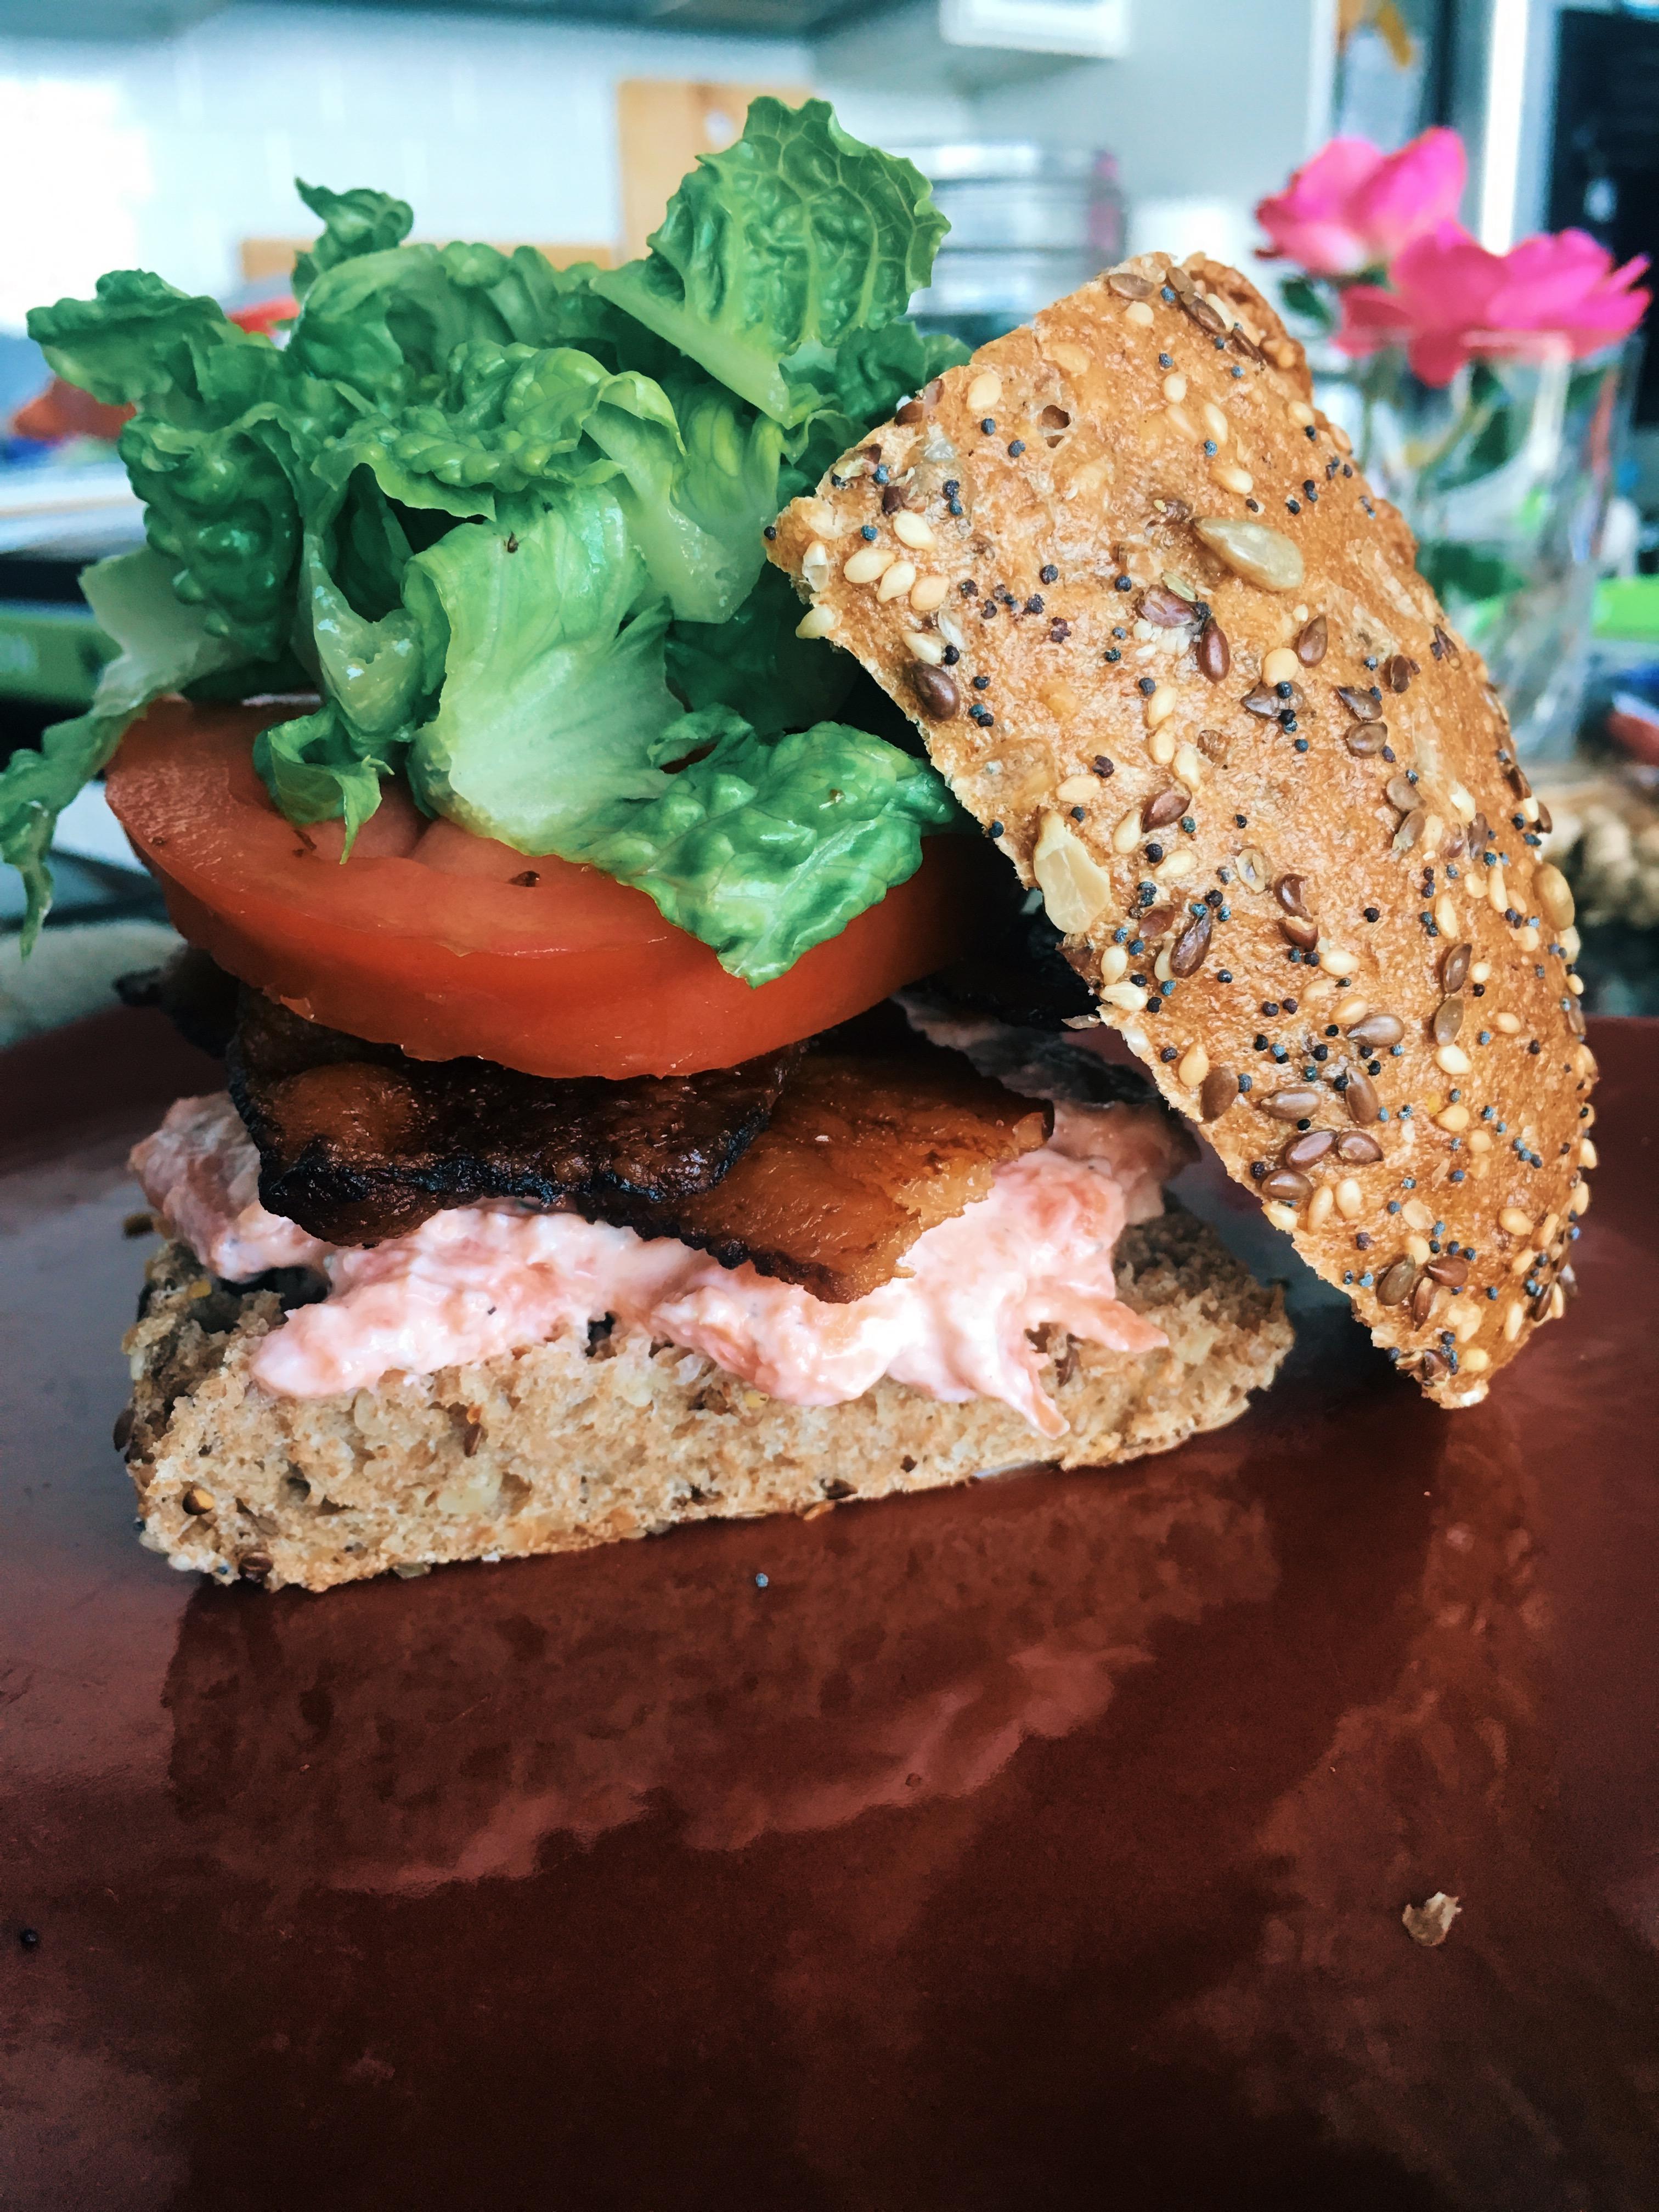 Feelin' Fancy: Smoked Salmon BLT Recipe